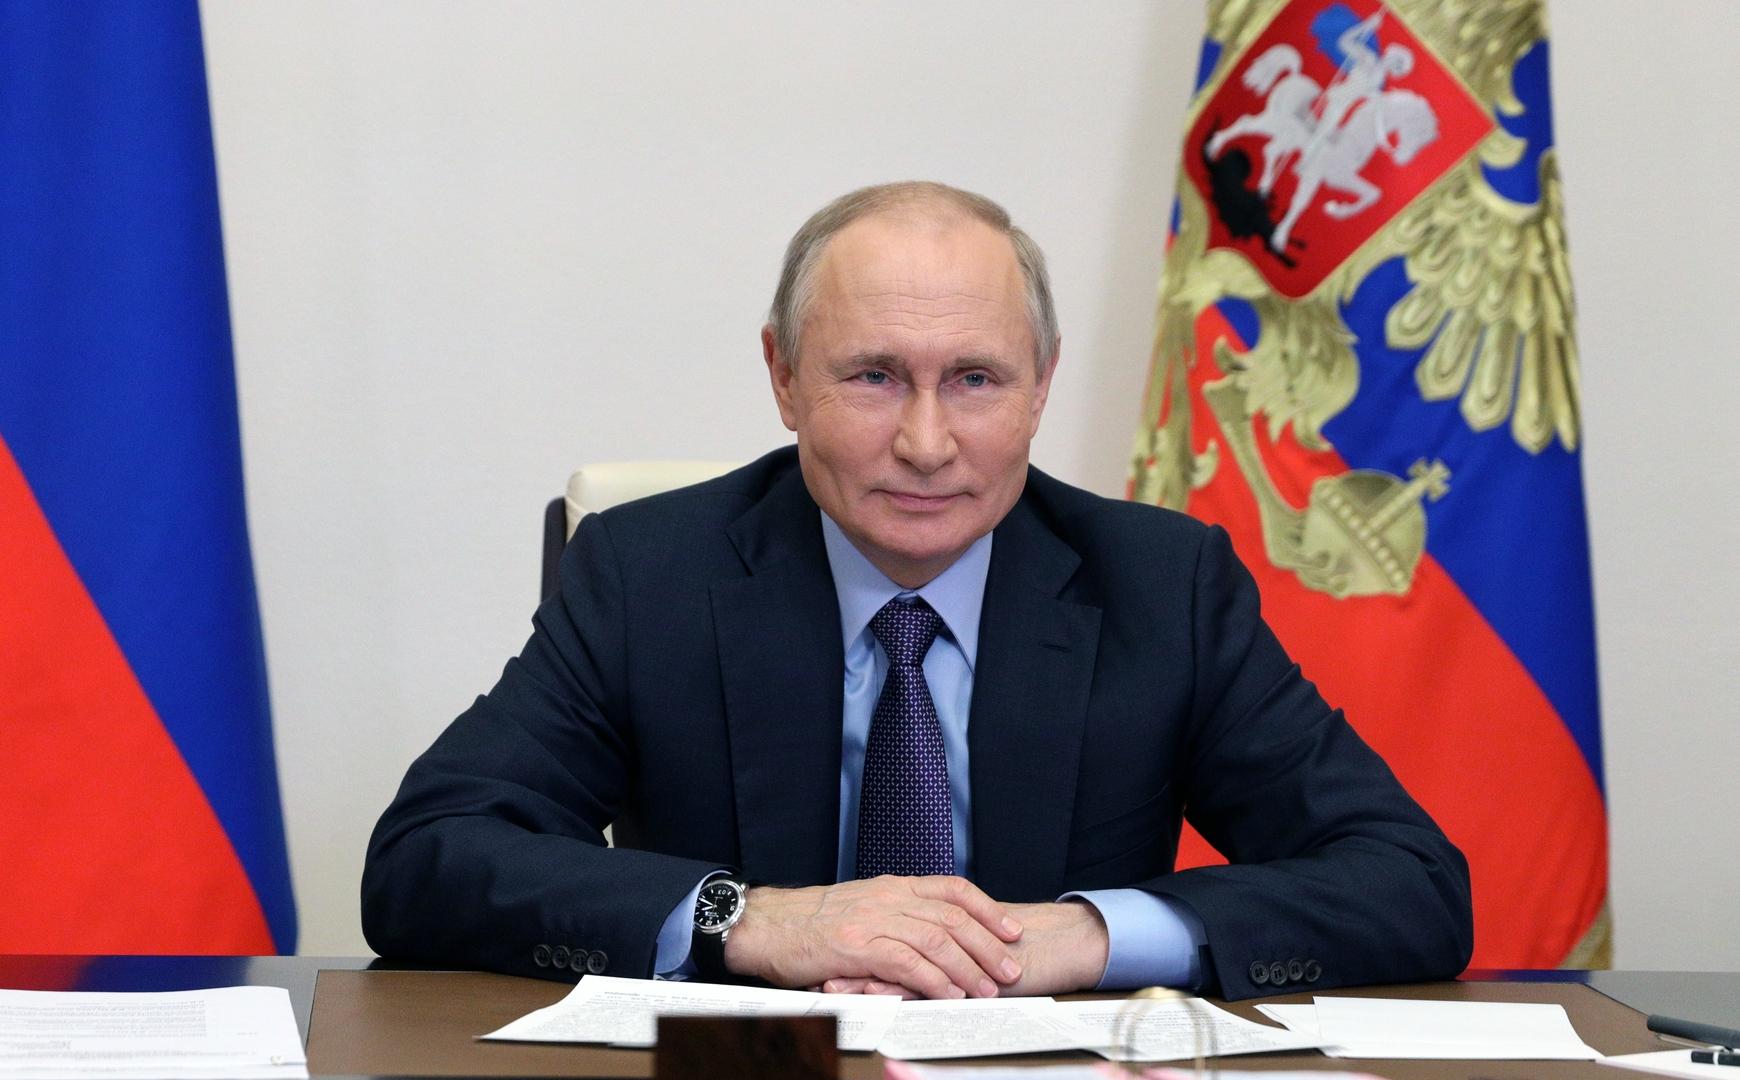 بوتين يهنئ بينيت بمناسبة توليه رئاسة الحكومة الإسرائيلية